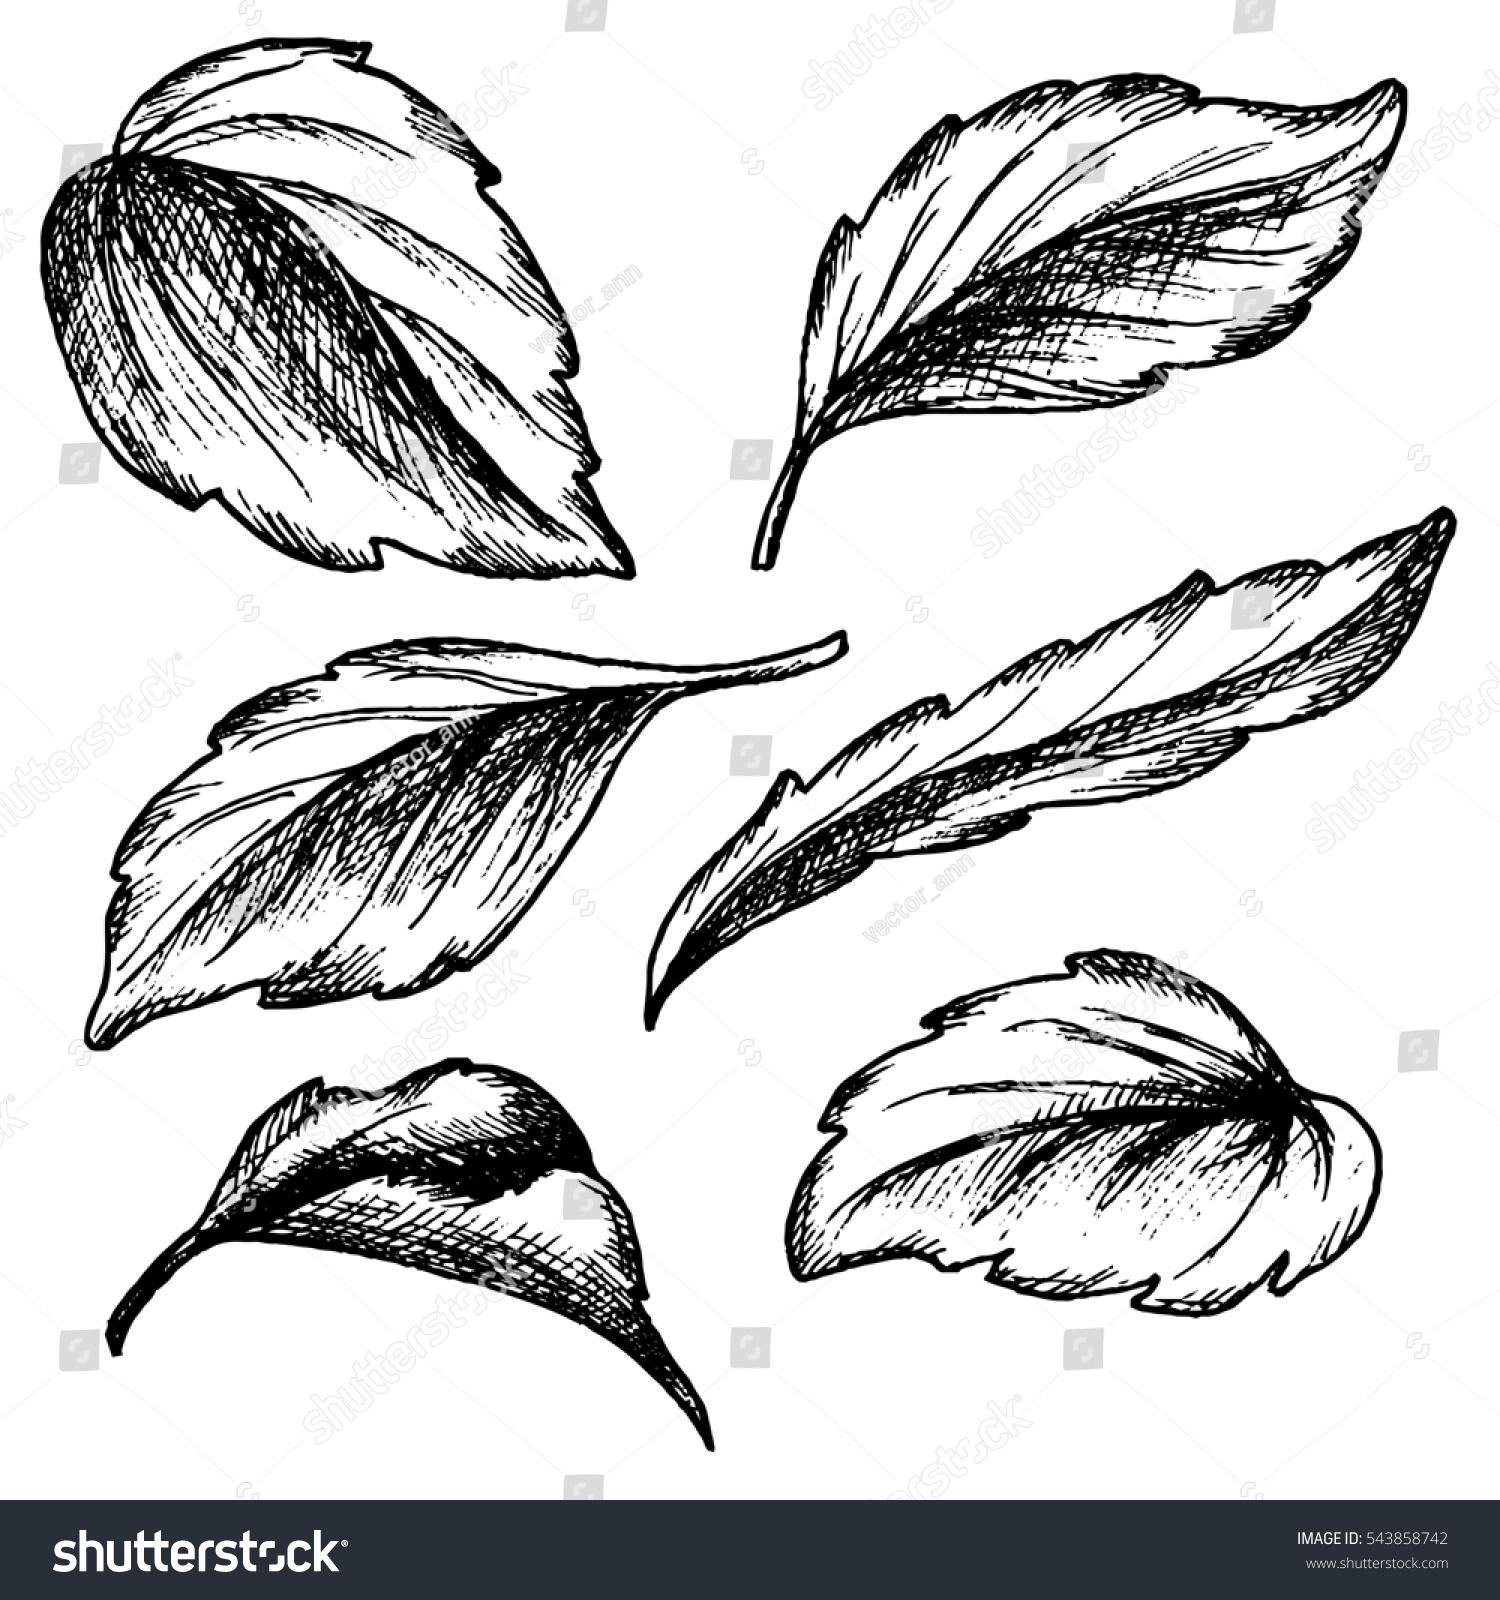 Sketch Ink Graphic Leaves Set Illustration Stock